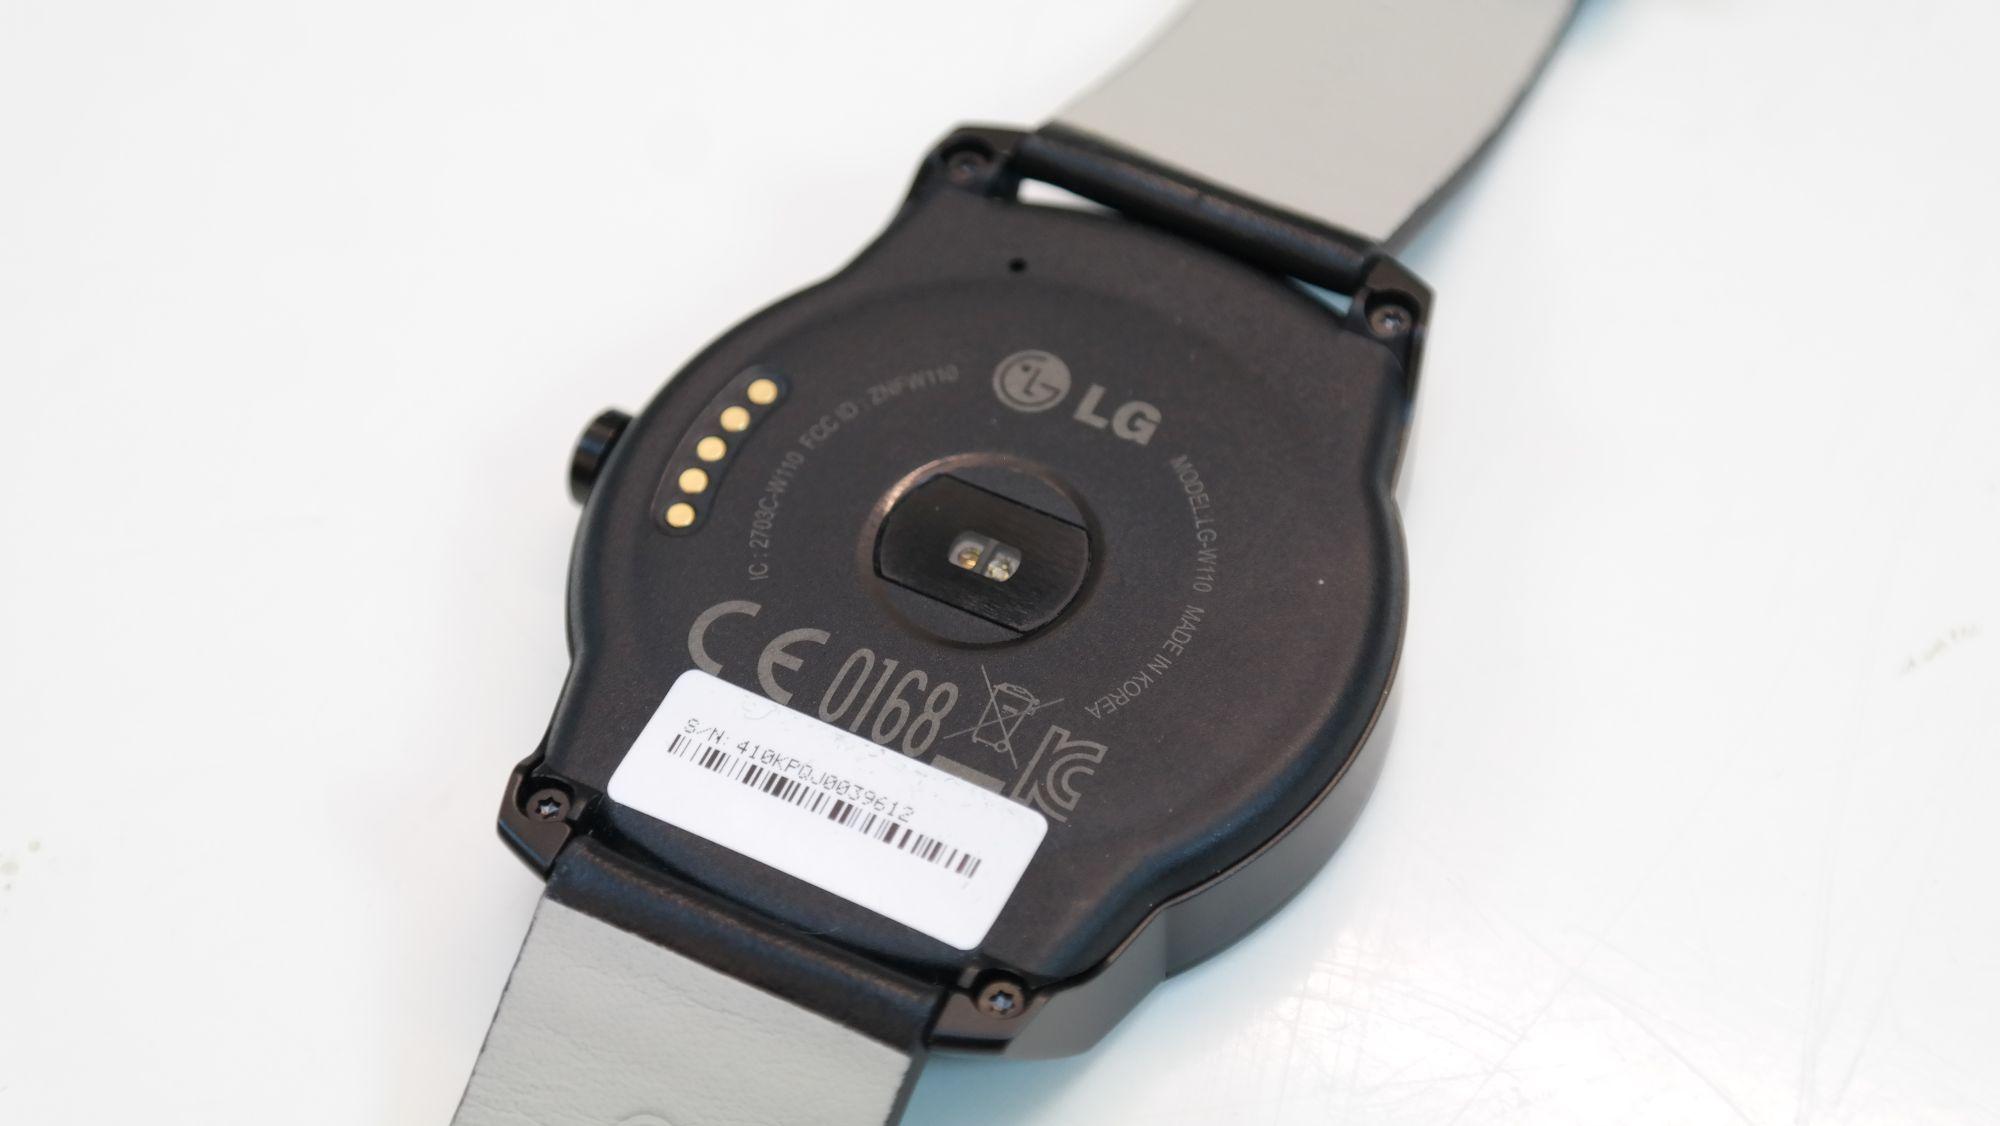 LG_GWR_005